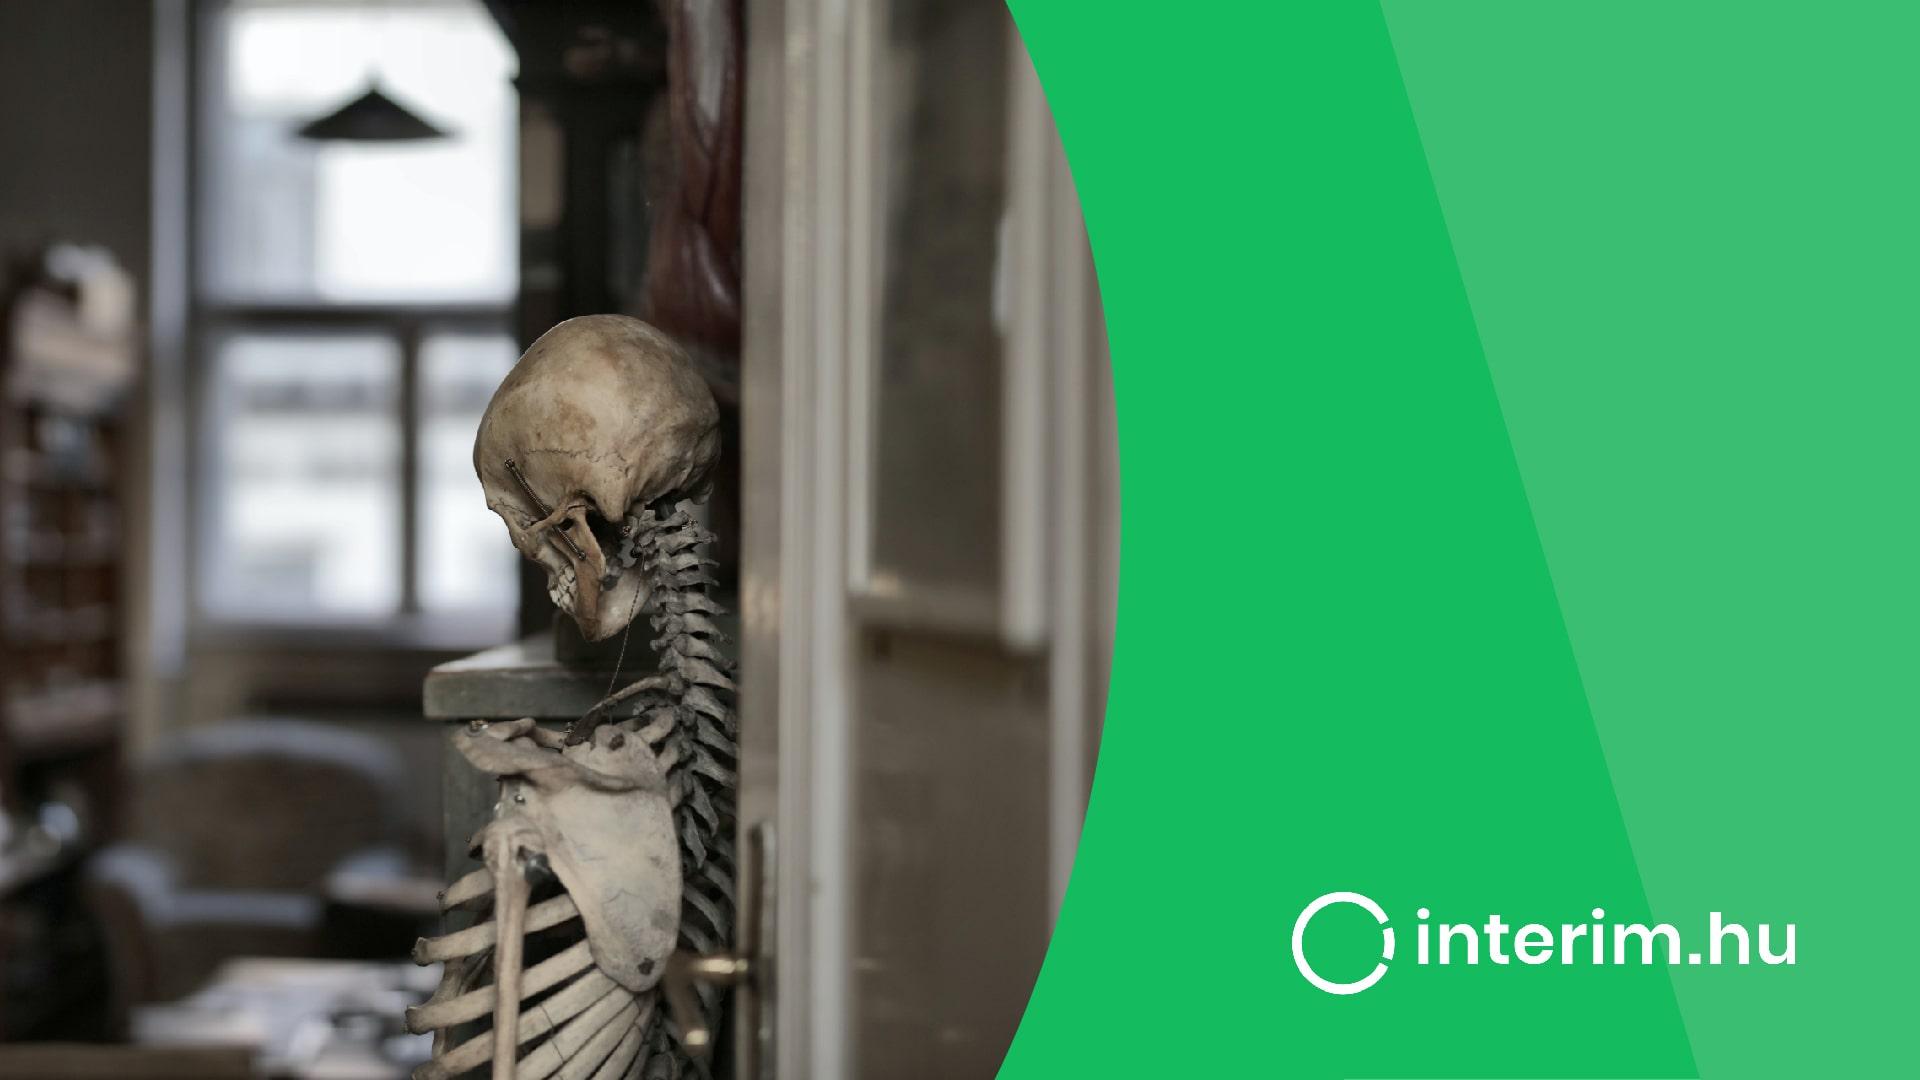 csontvaz hattal egy ajtoban